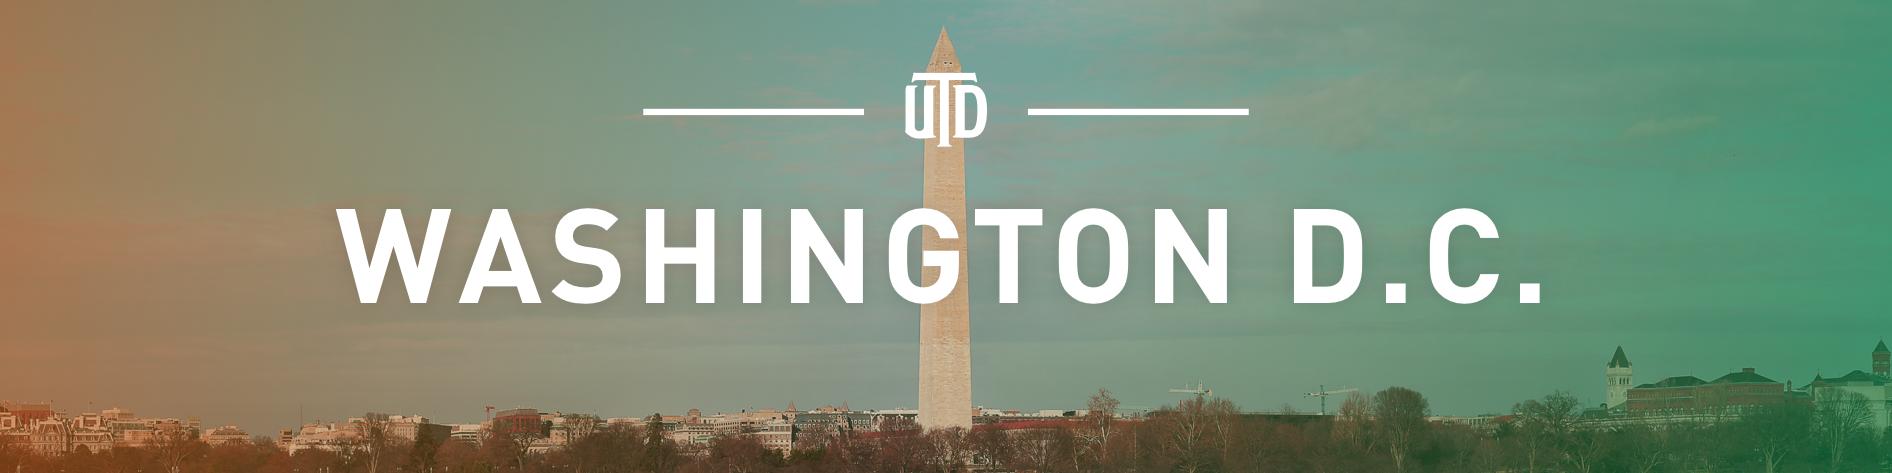 UTD in Washington D.C.